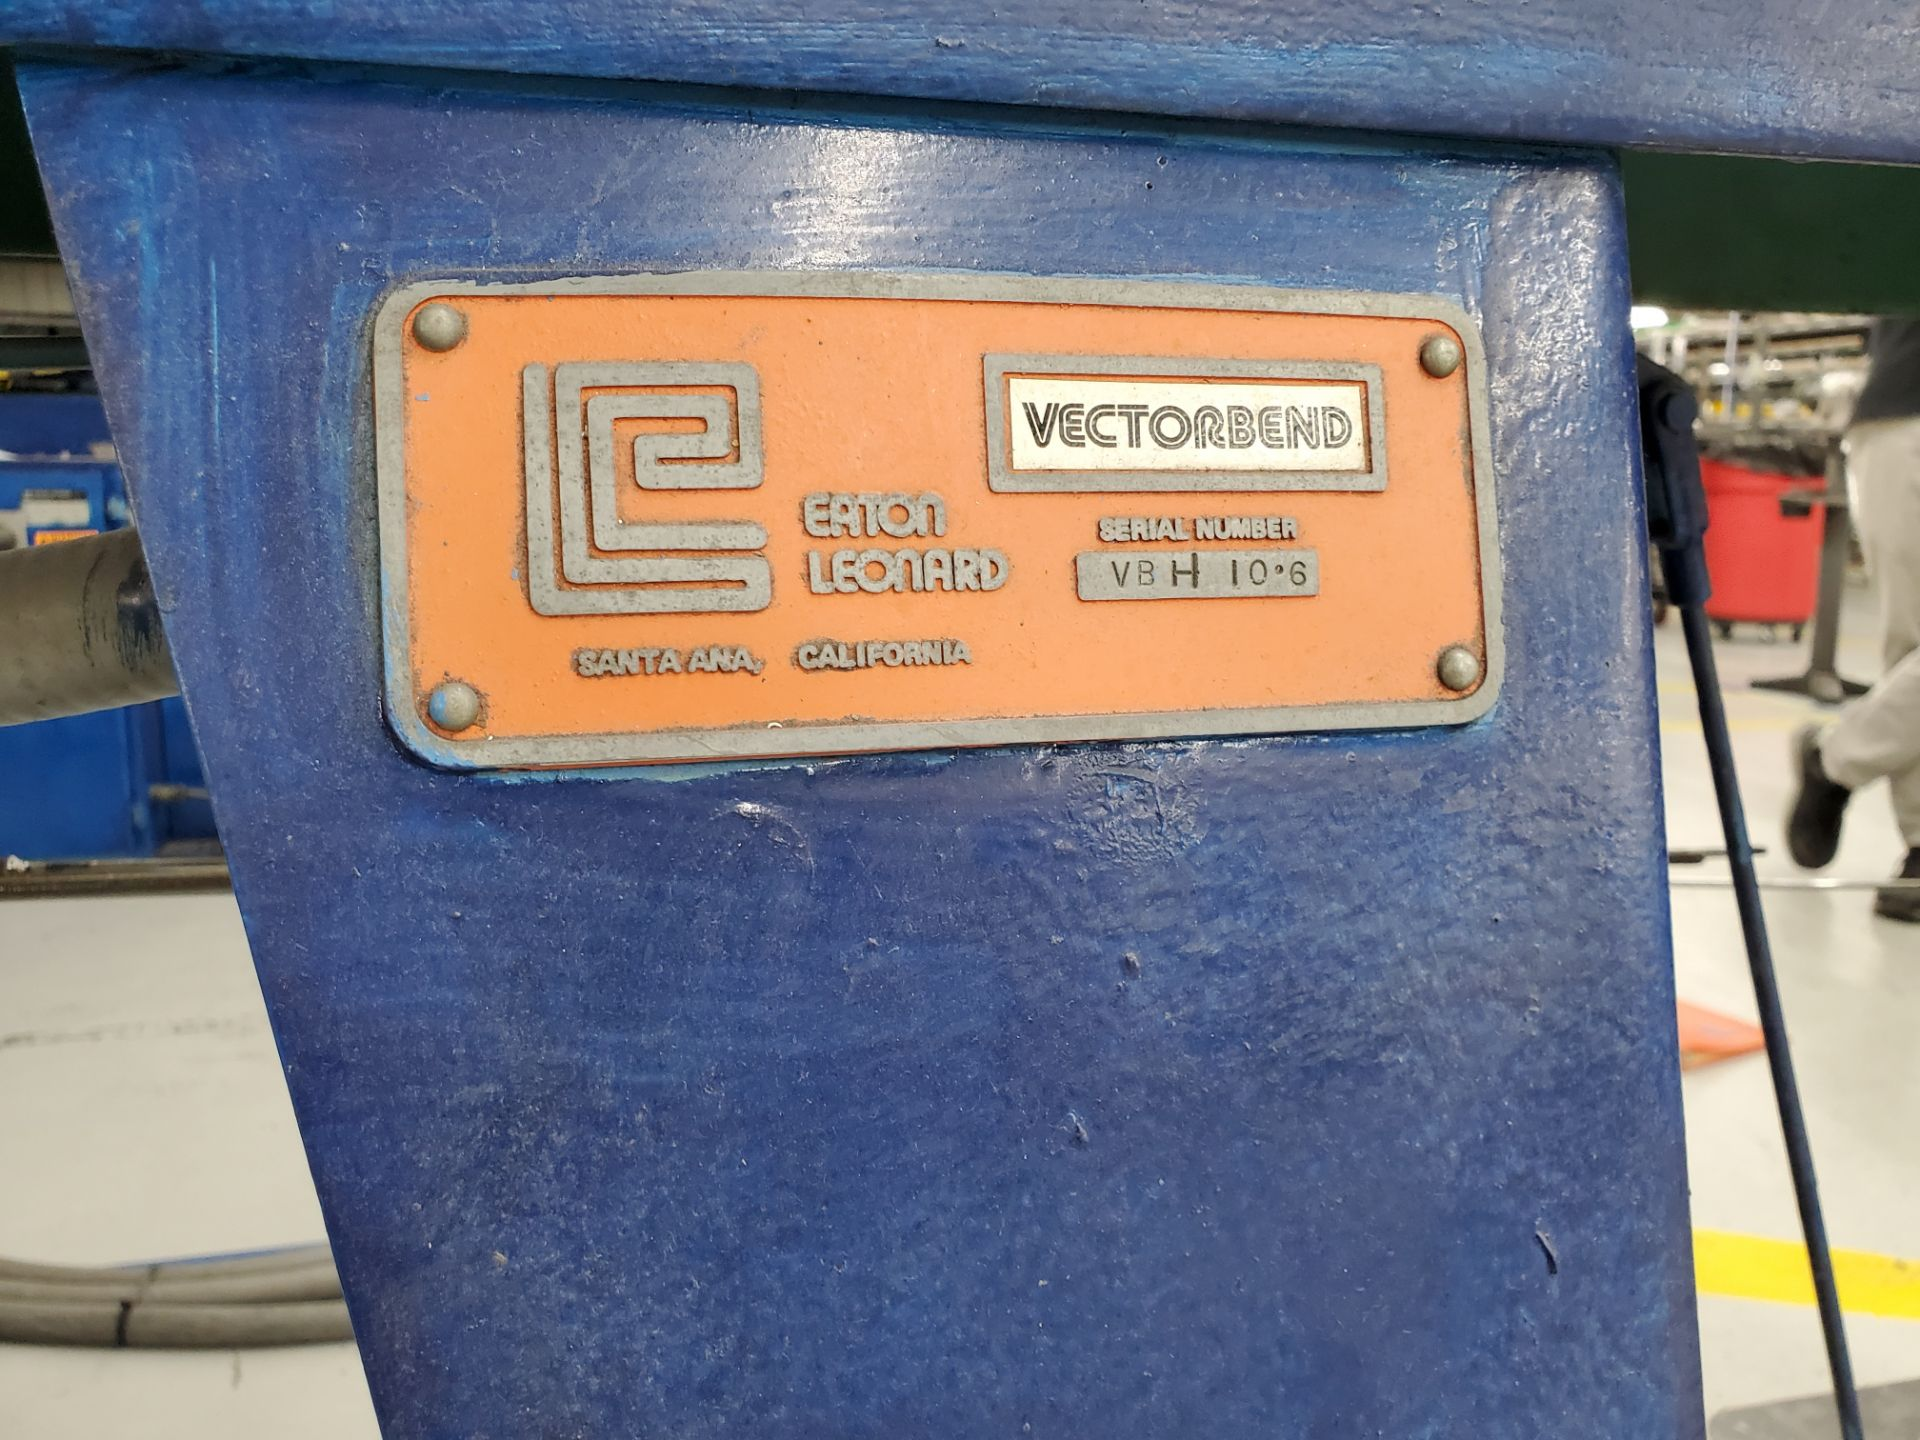 """Model H100 Eaton Leonard Tube Bender 1"""" Cap, S/N VBH 10.8 - Image 3 of 14"""